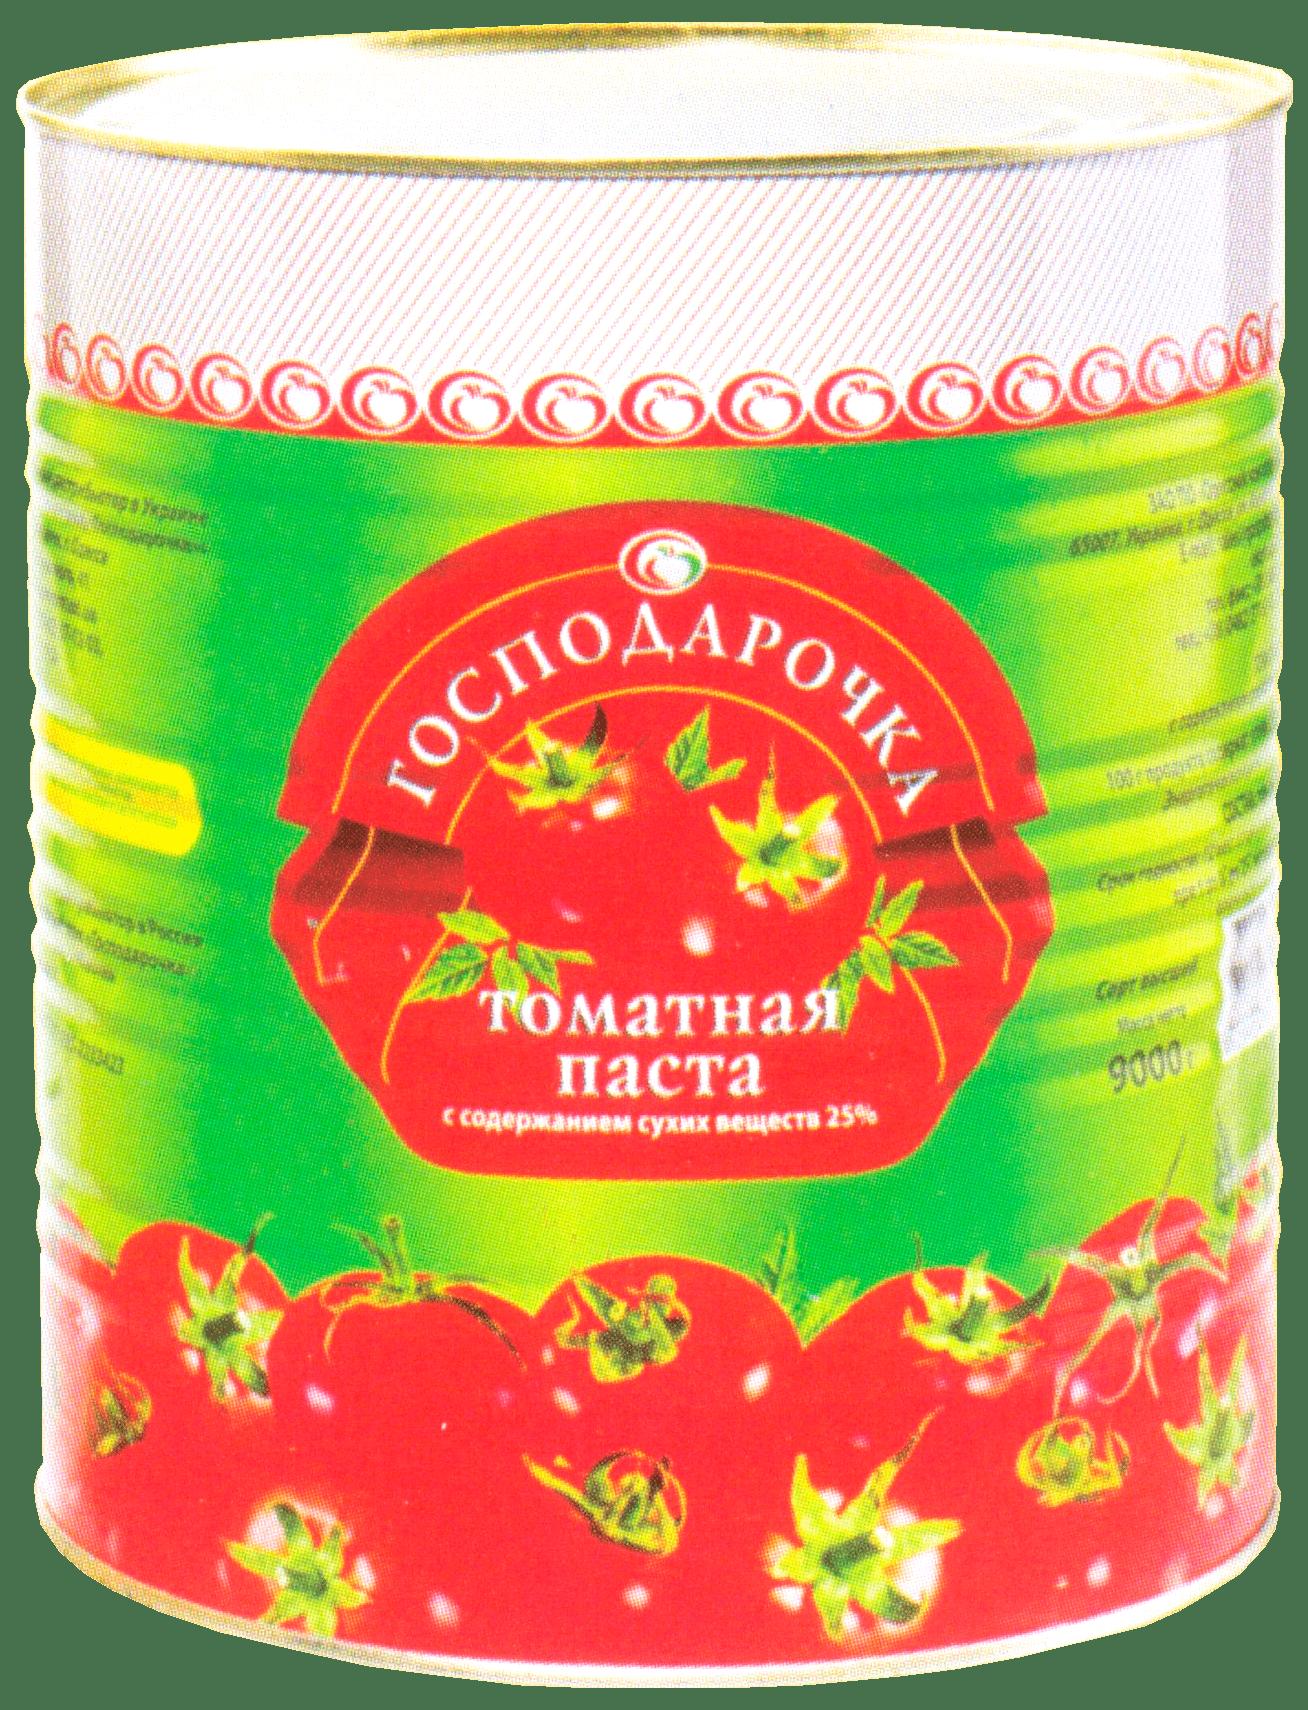 35-Pasta-tomatna-25-min